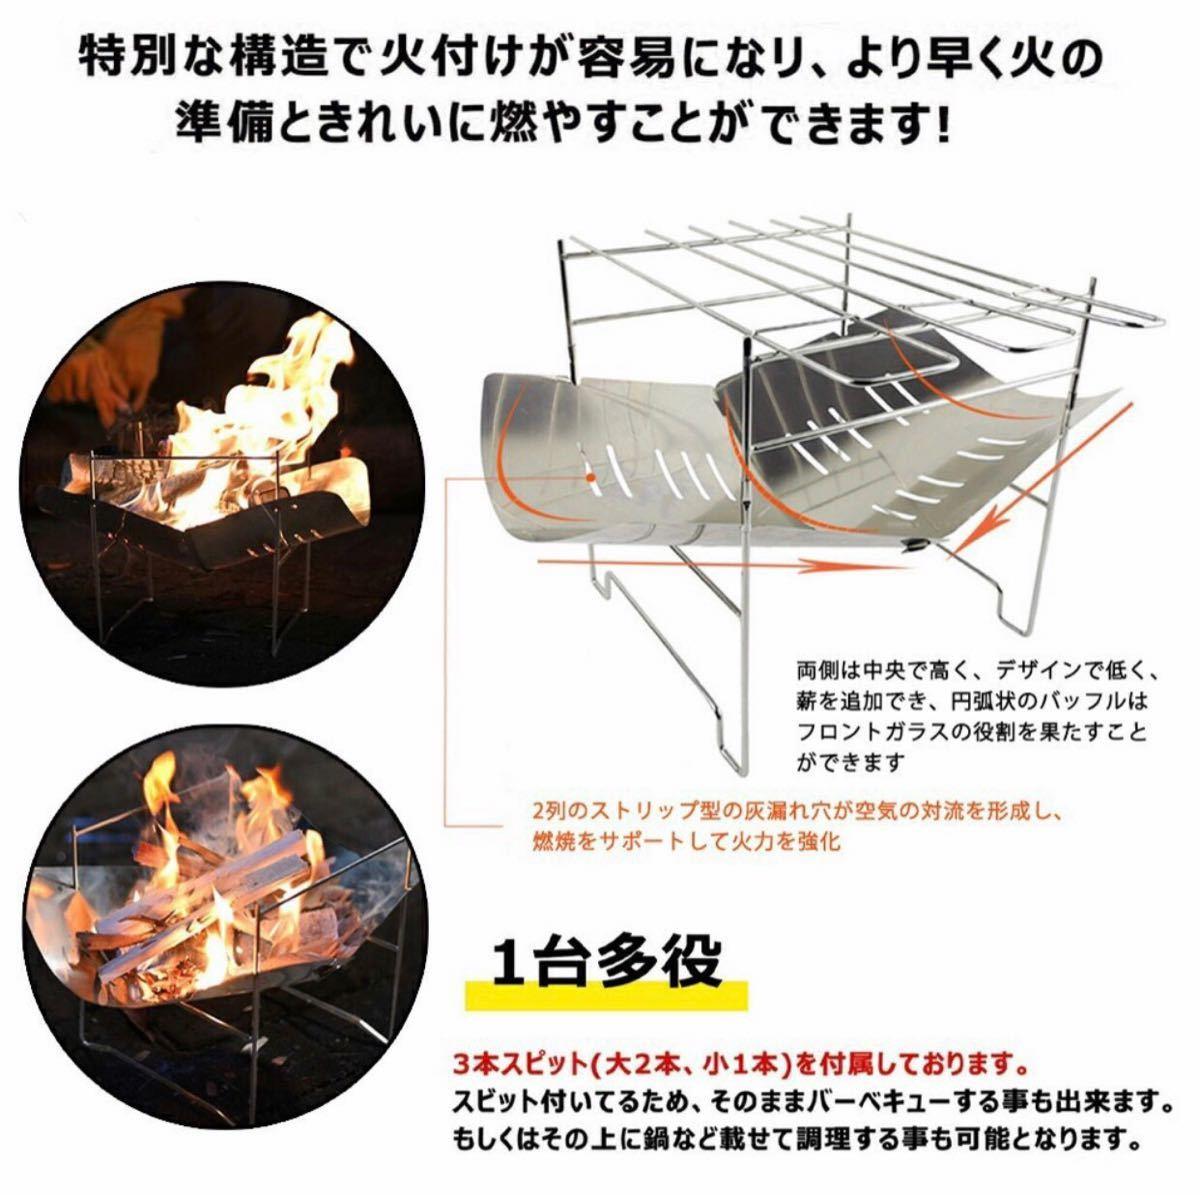 焚き火台 ウルトラライト折りたたみ式 バーベキューコンロ